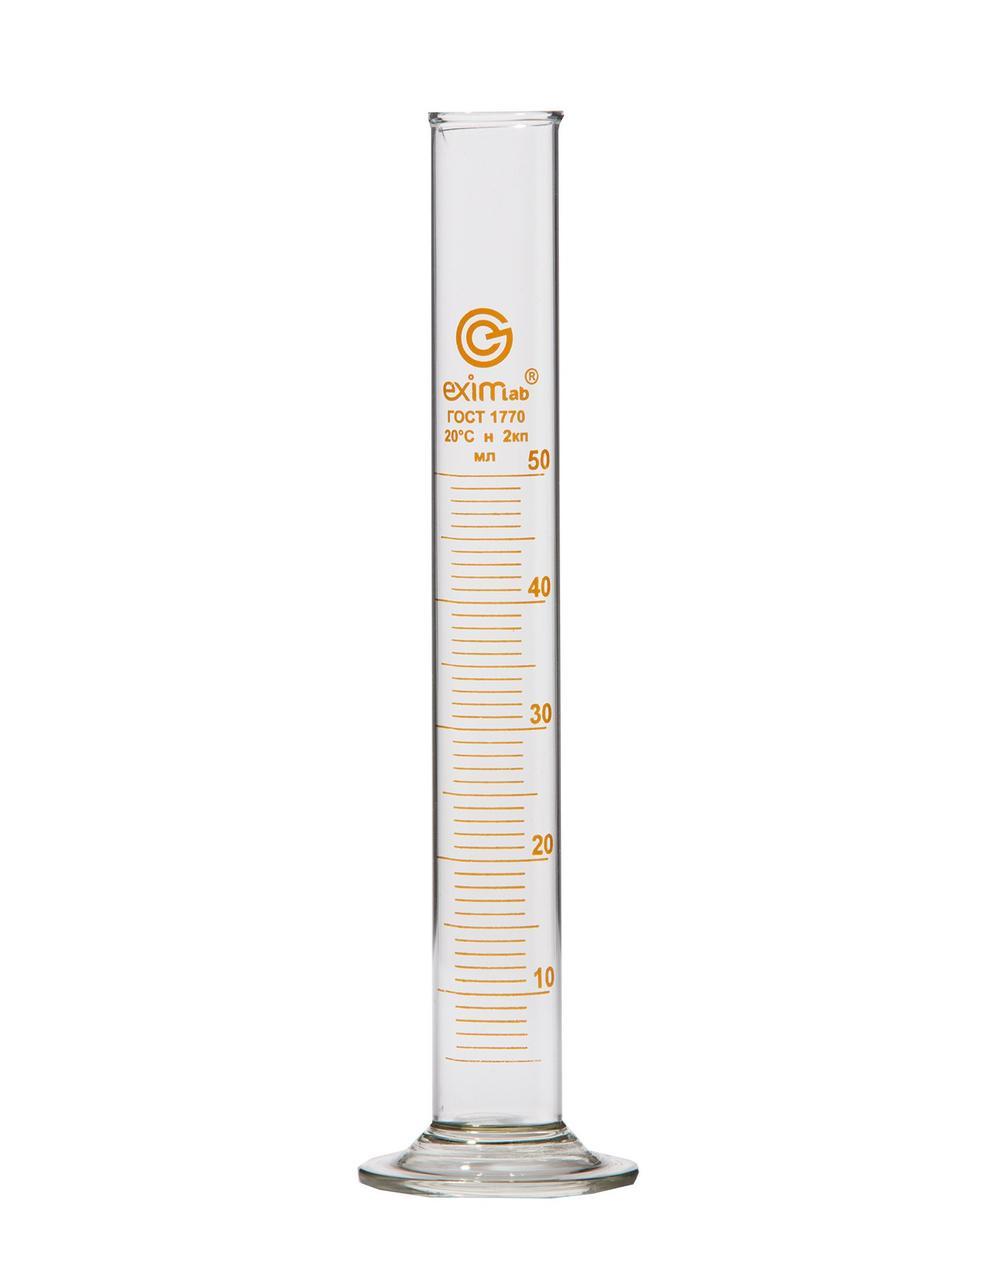 Цилиндр мерный на стеклянном основании, с пришлифованной пробкой   2-100-2